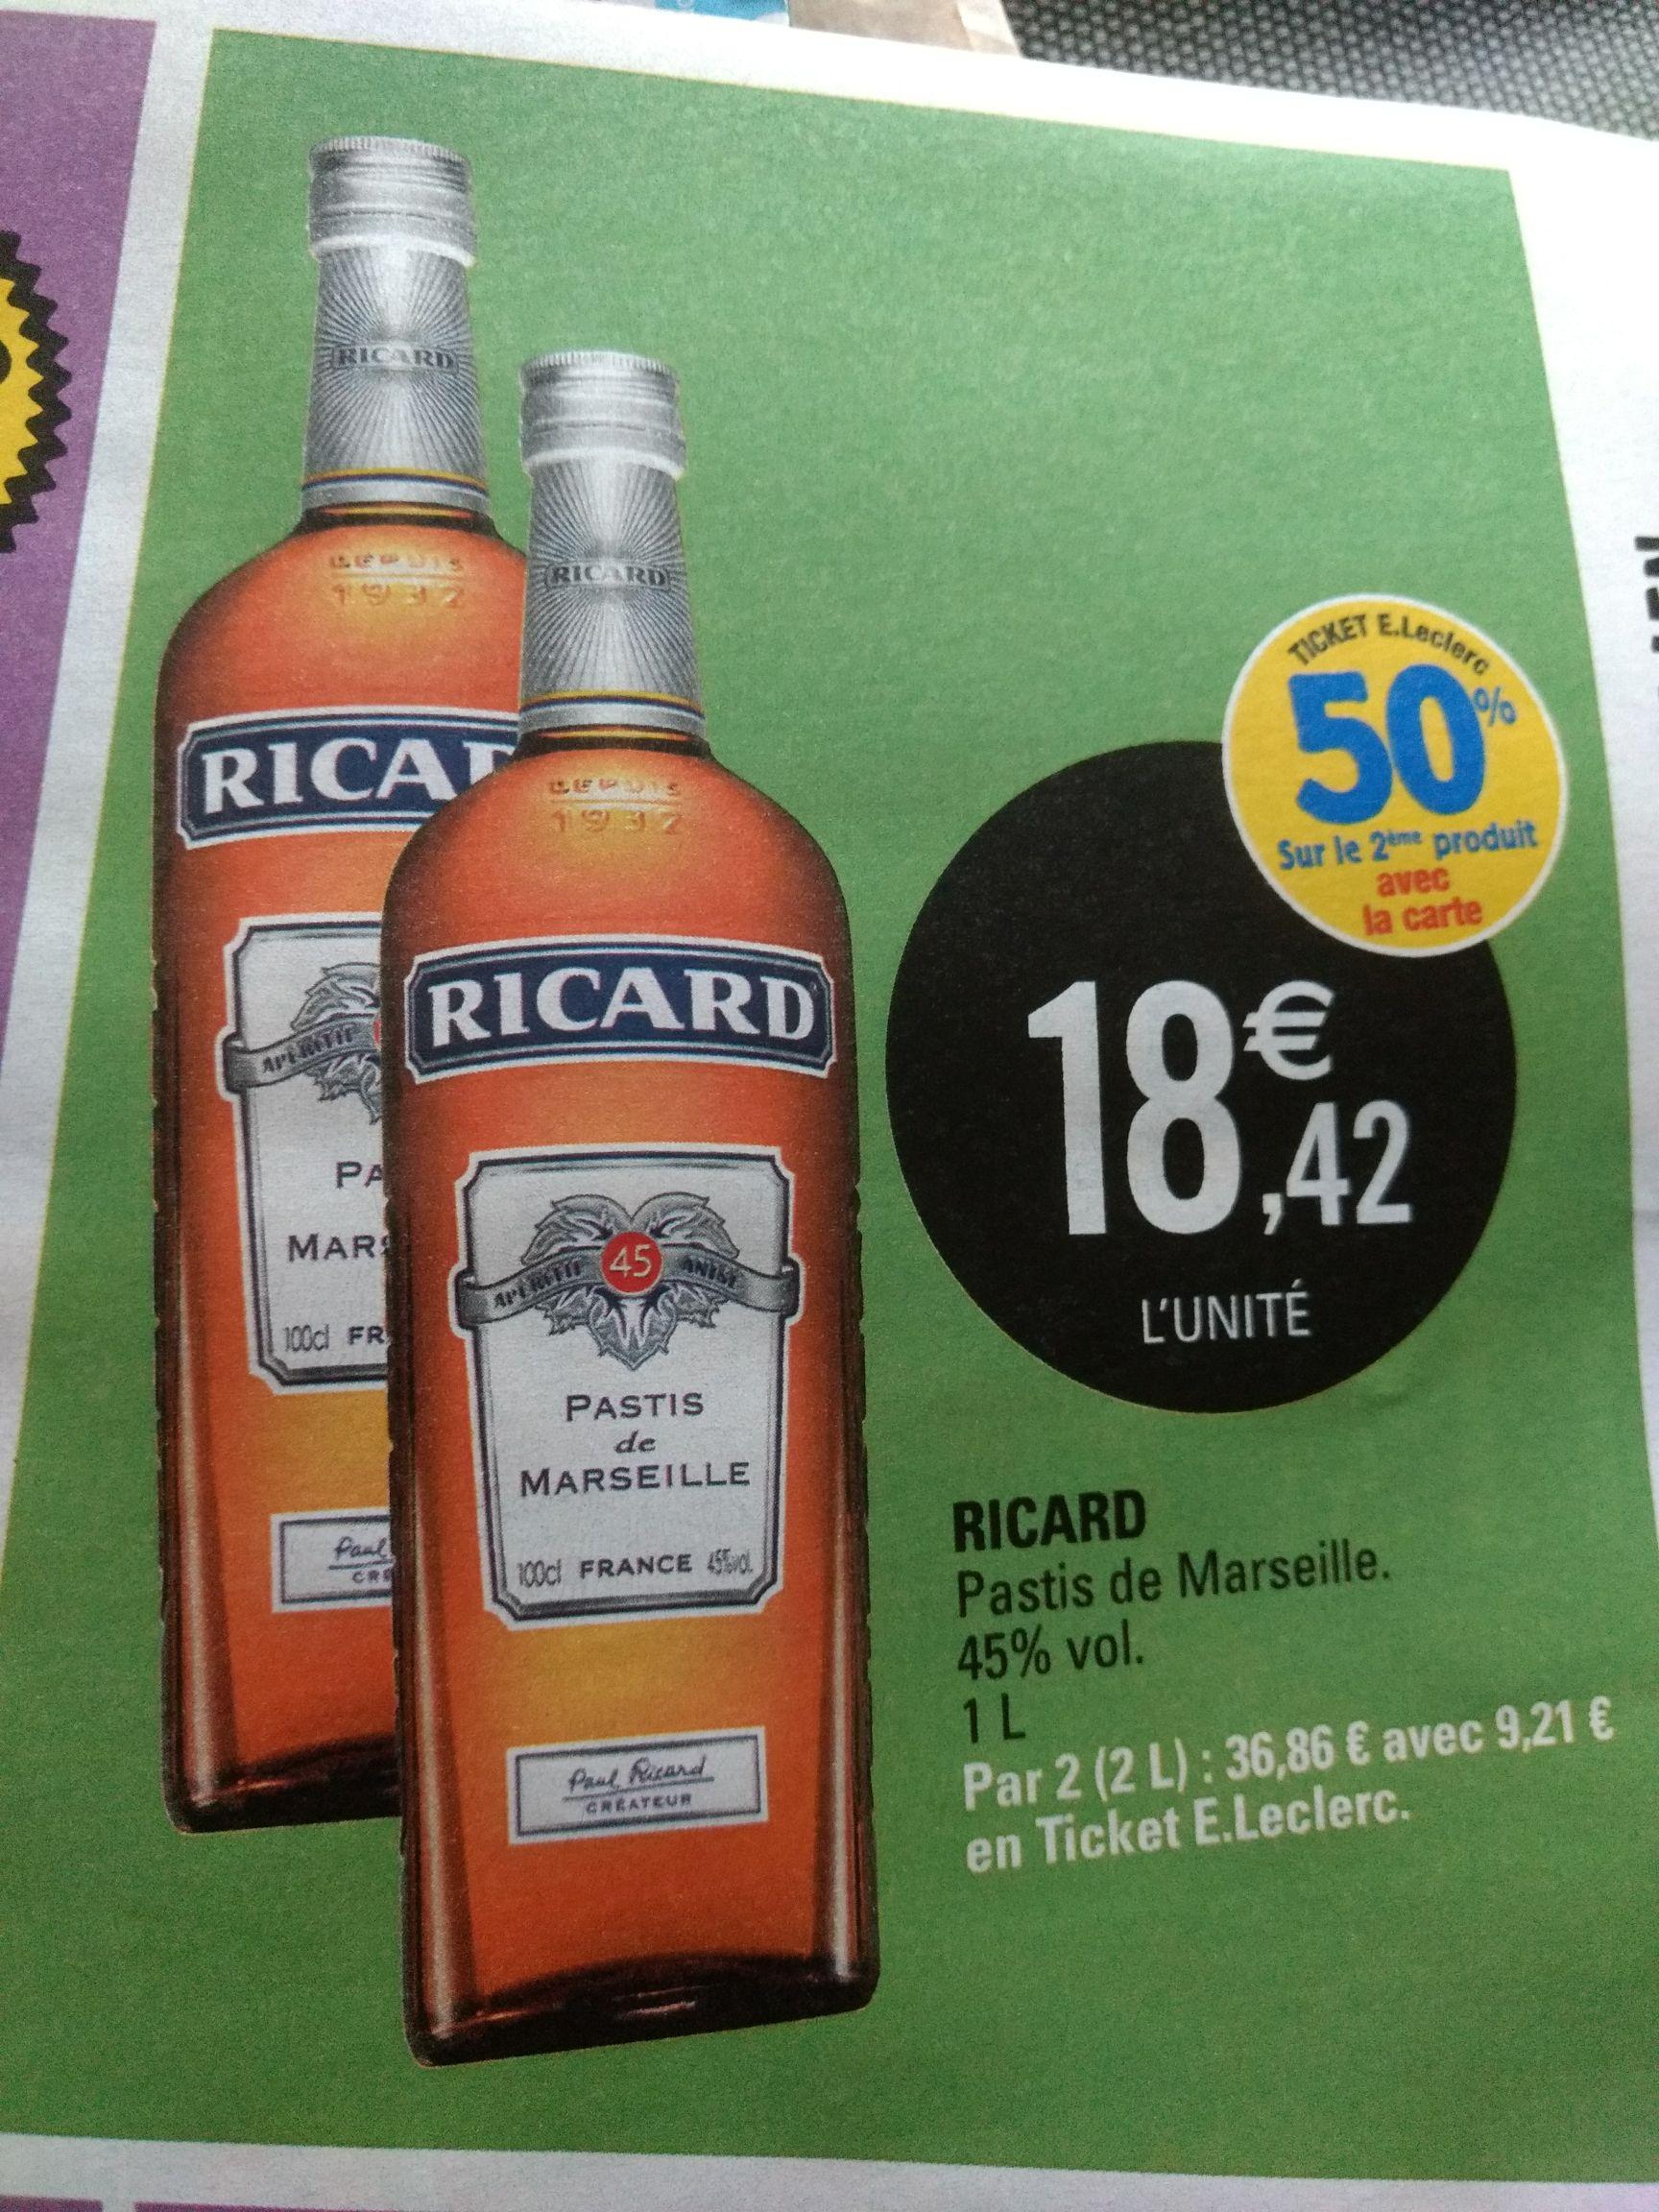 Lot de 2 bouteilles d'apéritif Ricard (via 9.21€ sur la carte de fidélité) - Magasins participants